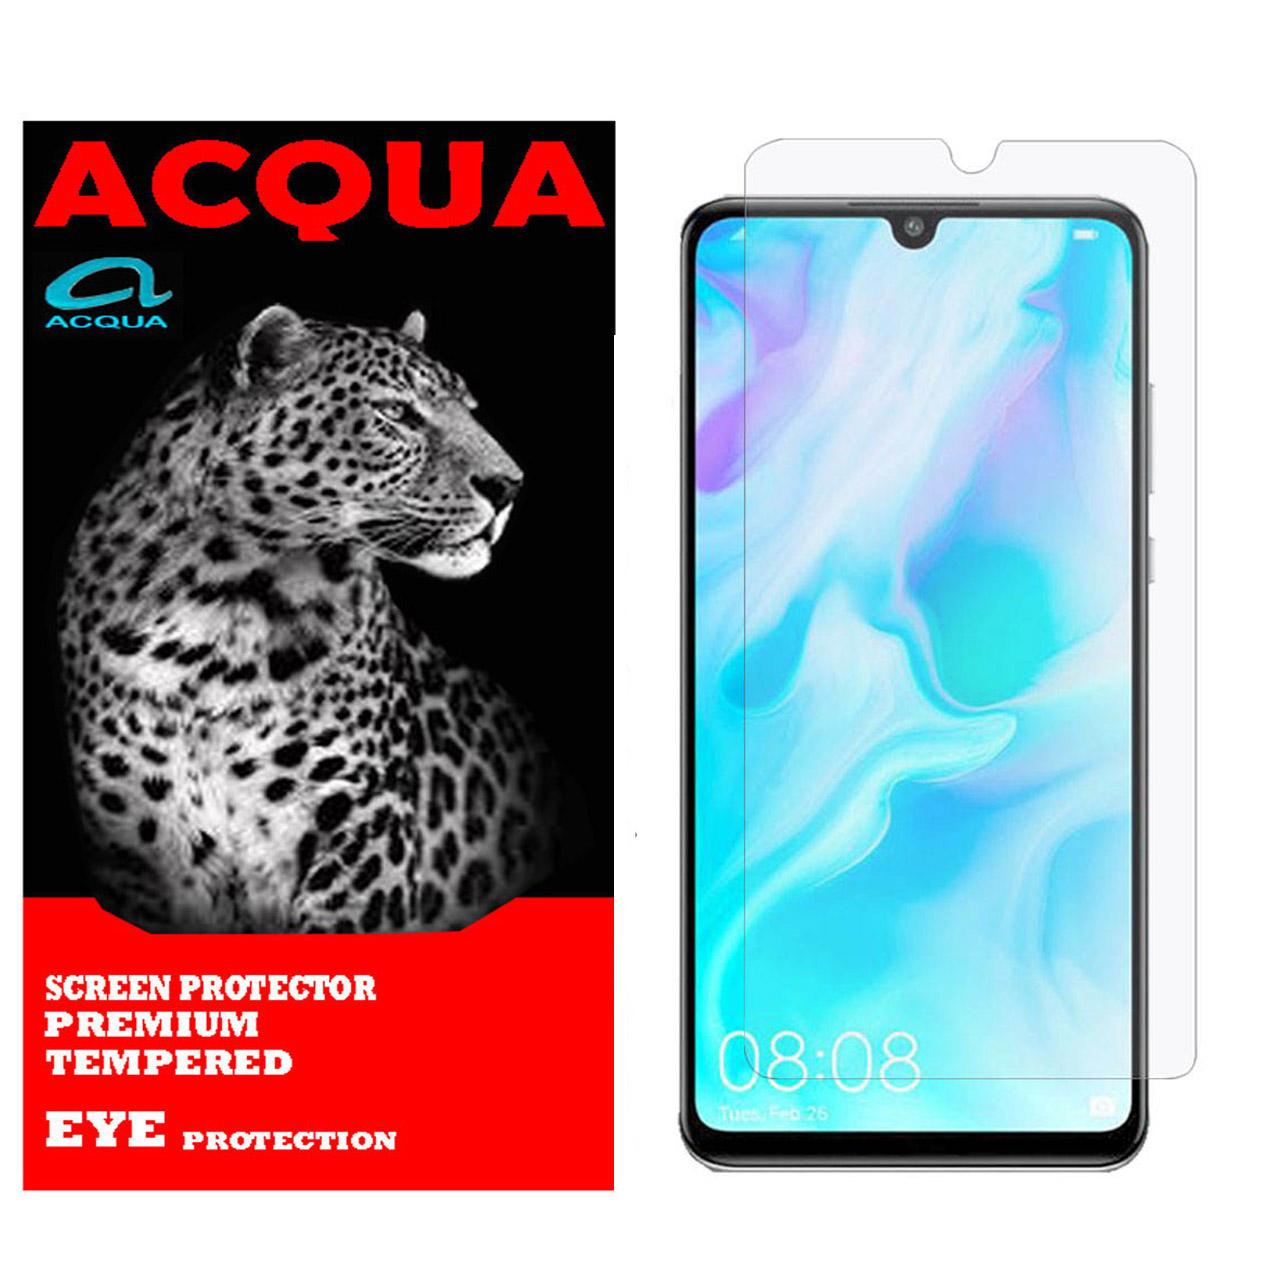 محافظ صفحه نمایش آکوا مدل MA مناسب برای گوشی موبایل هوآوی P30 Lite              ( قیمت و خرید)